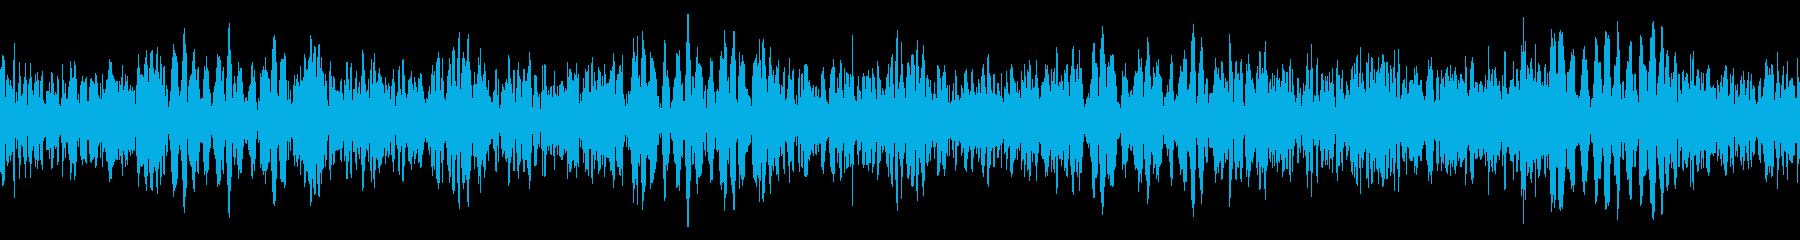 恐怖を引き立てるダークサウンドの再生済みの波形